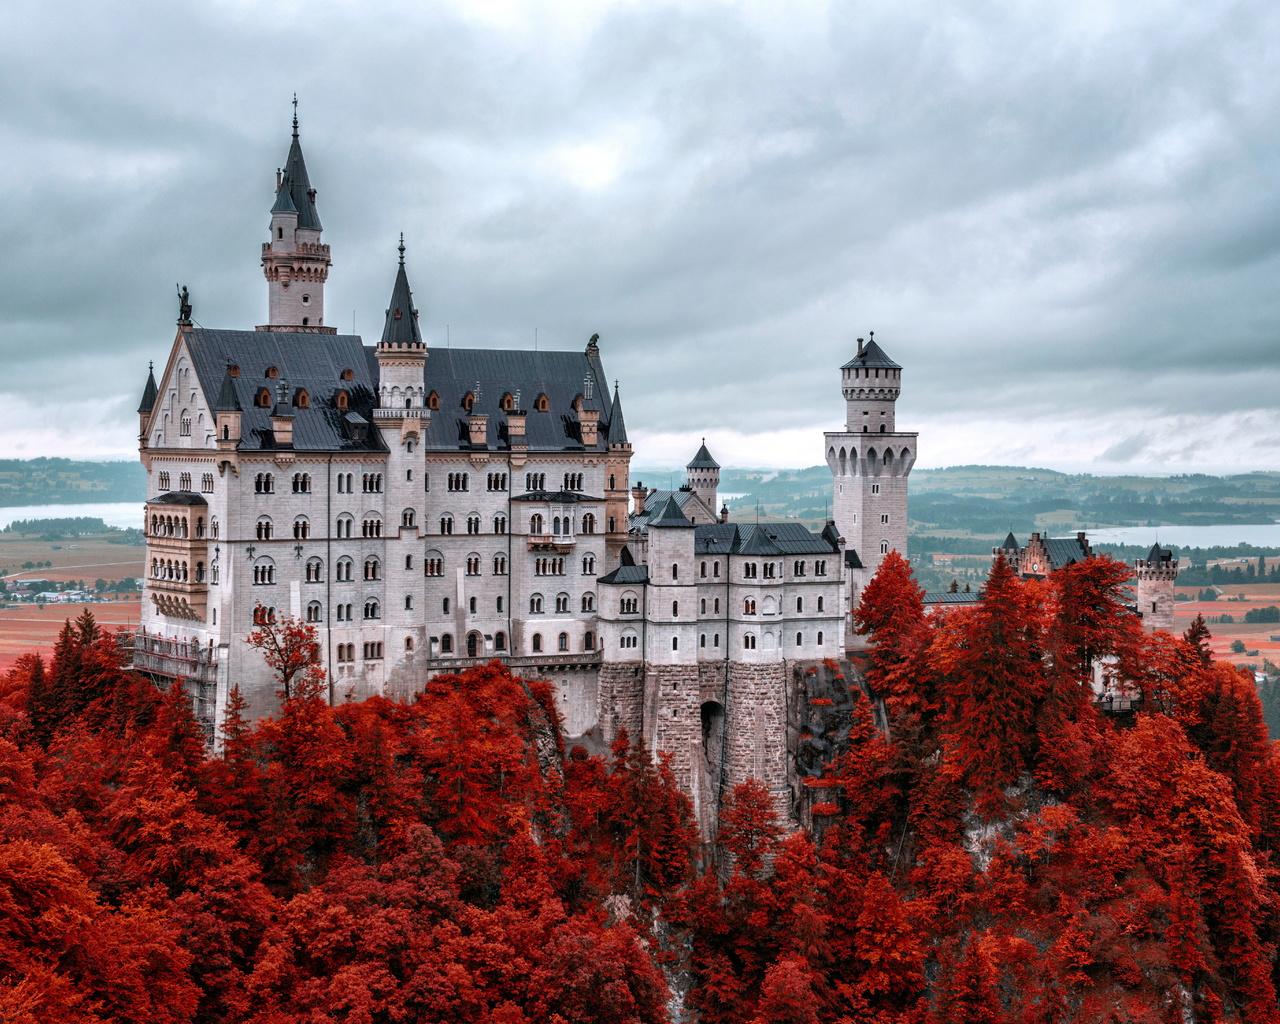 картинки крупных замков кто